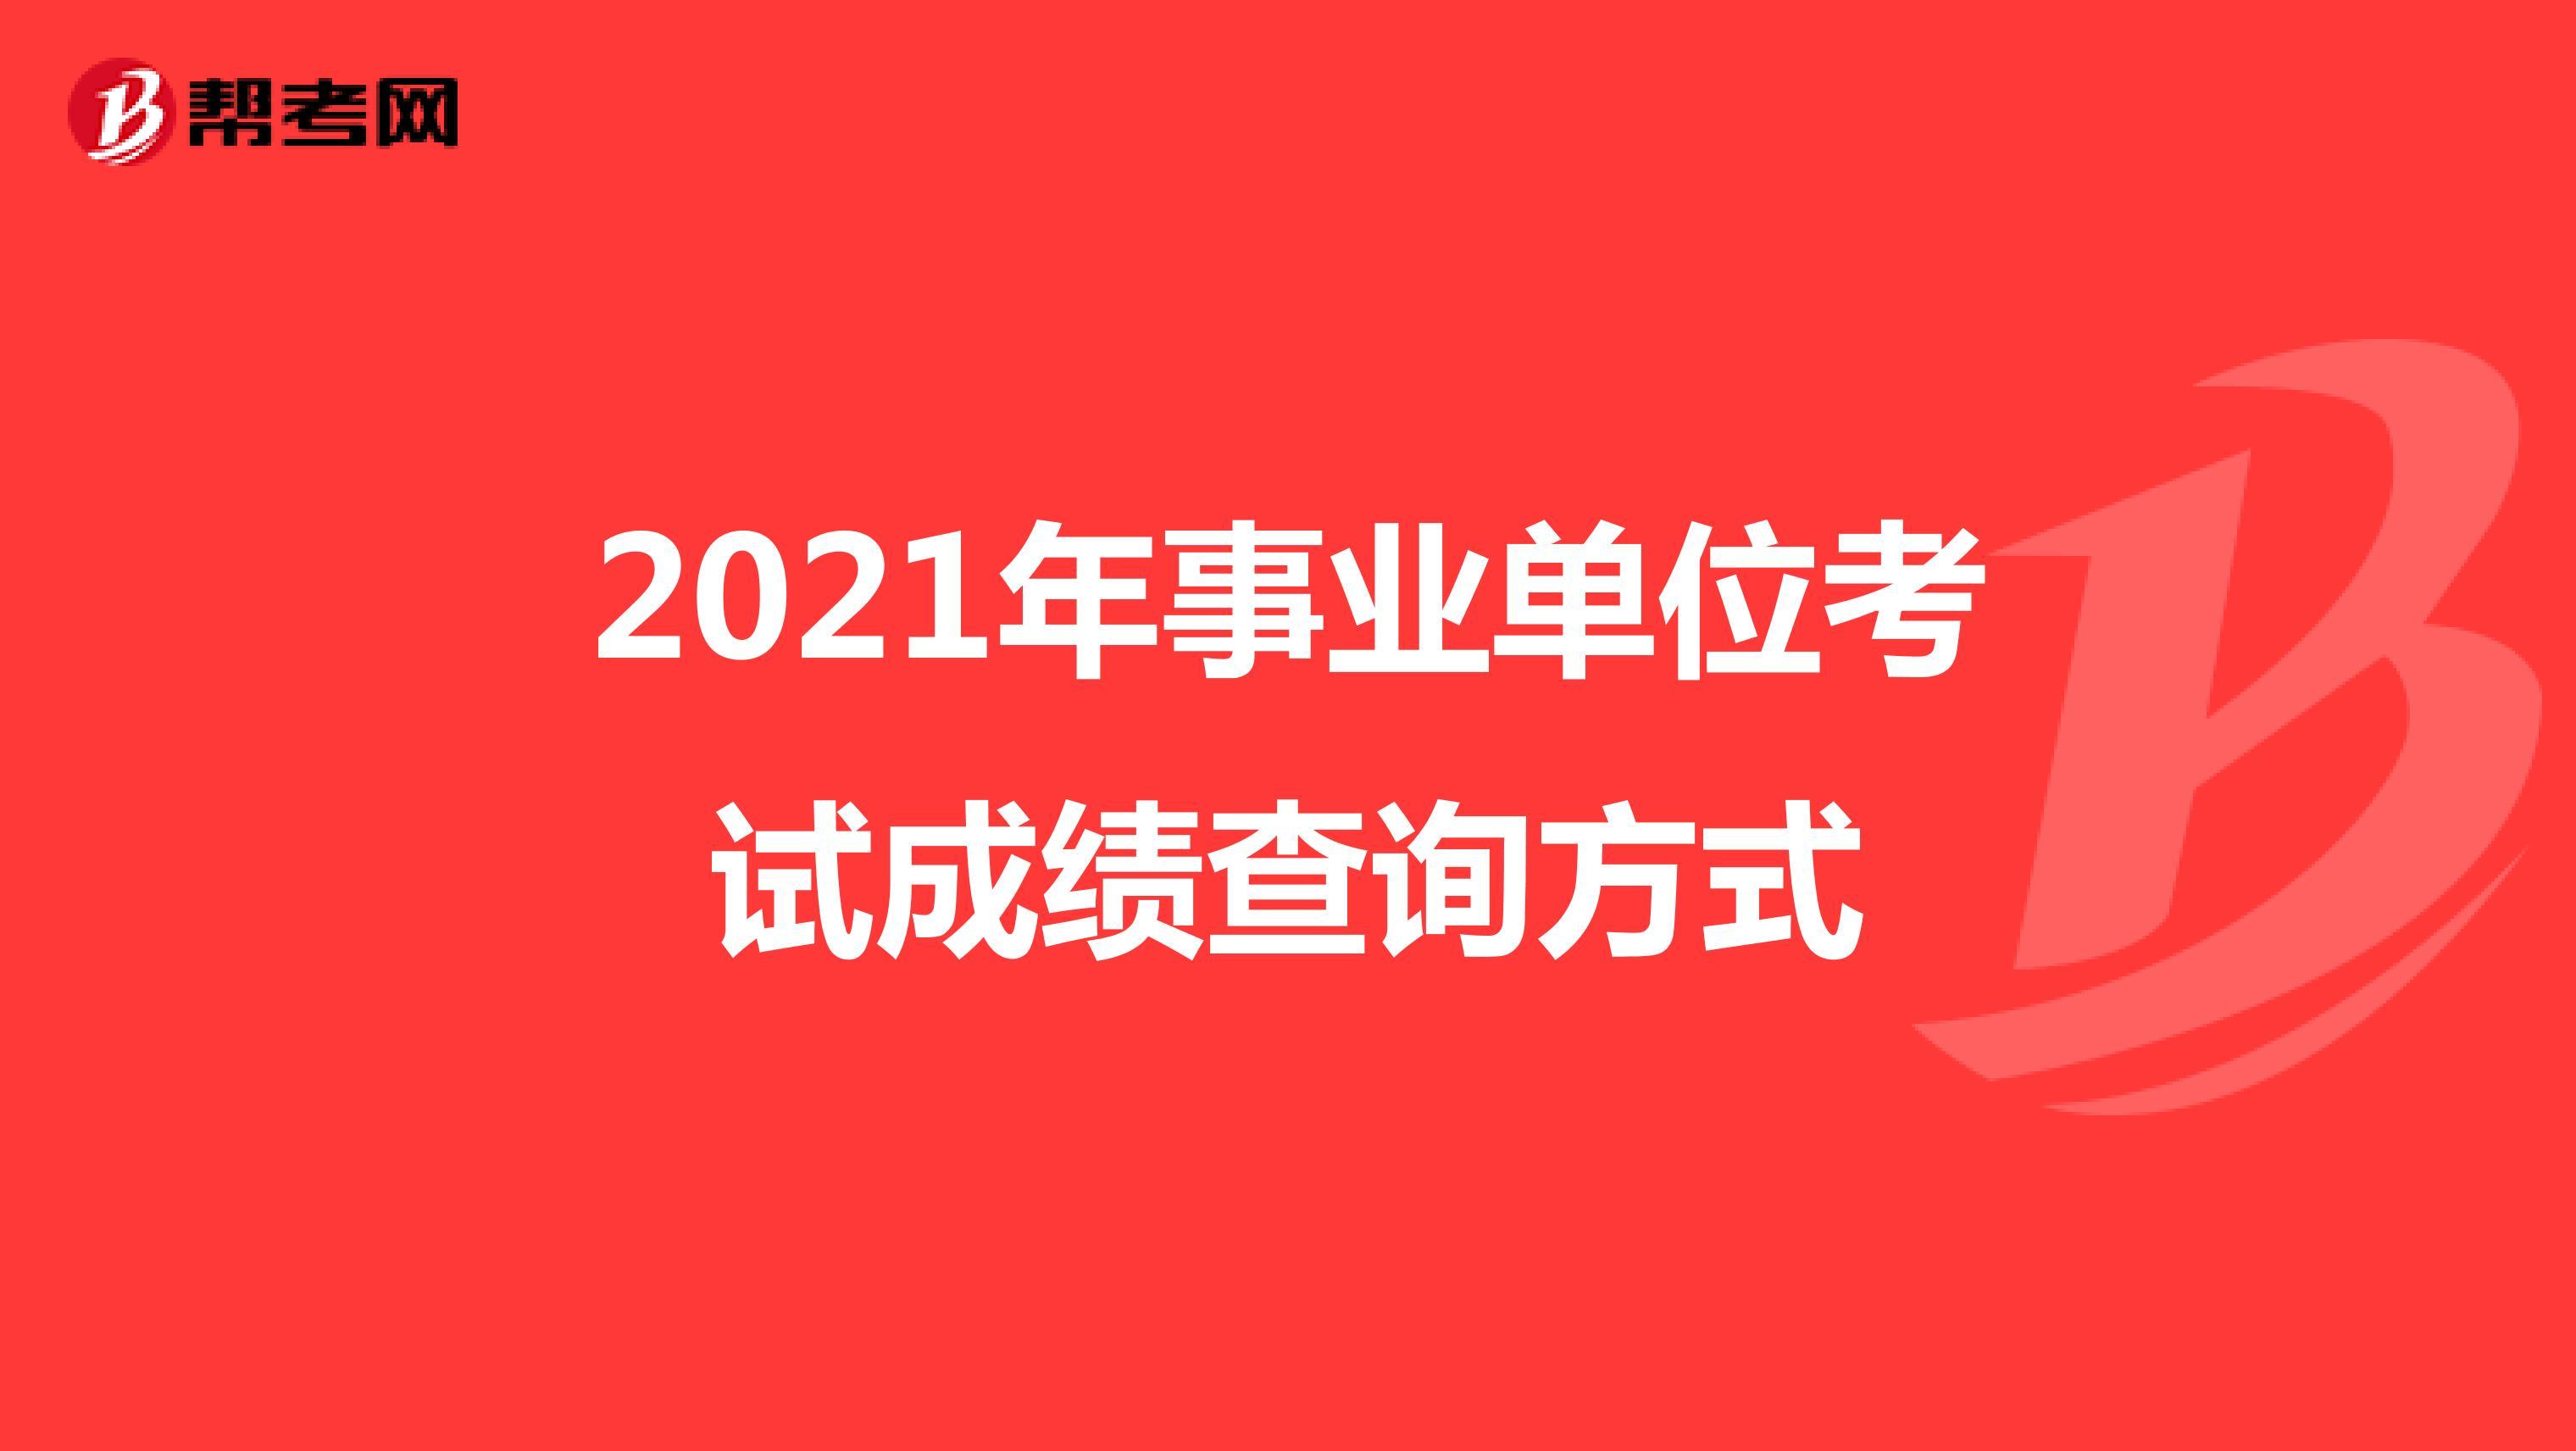 2021年事業單位考試成績查詢方式